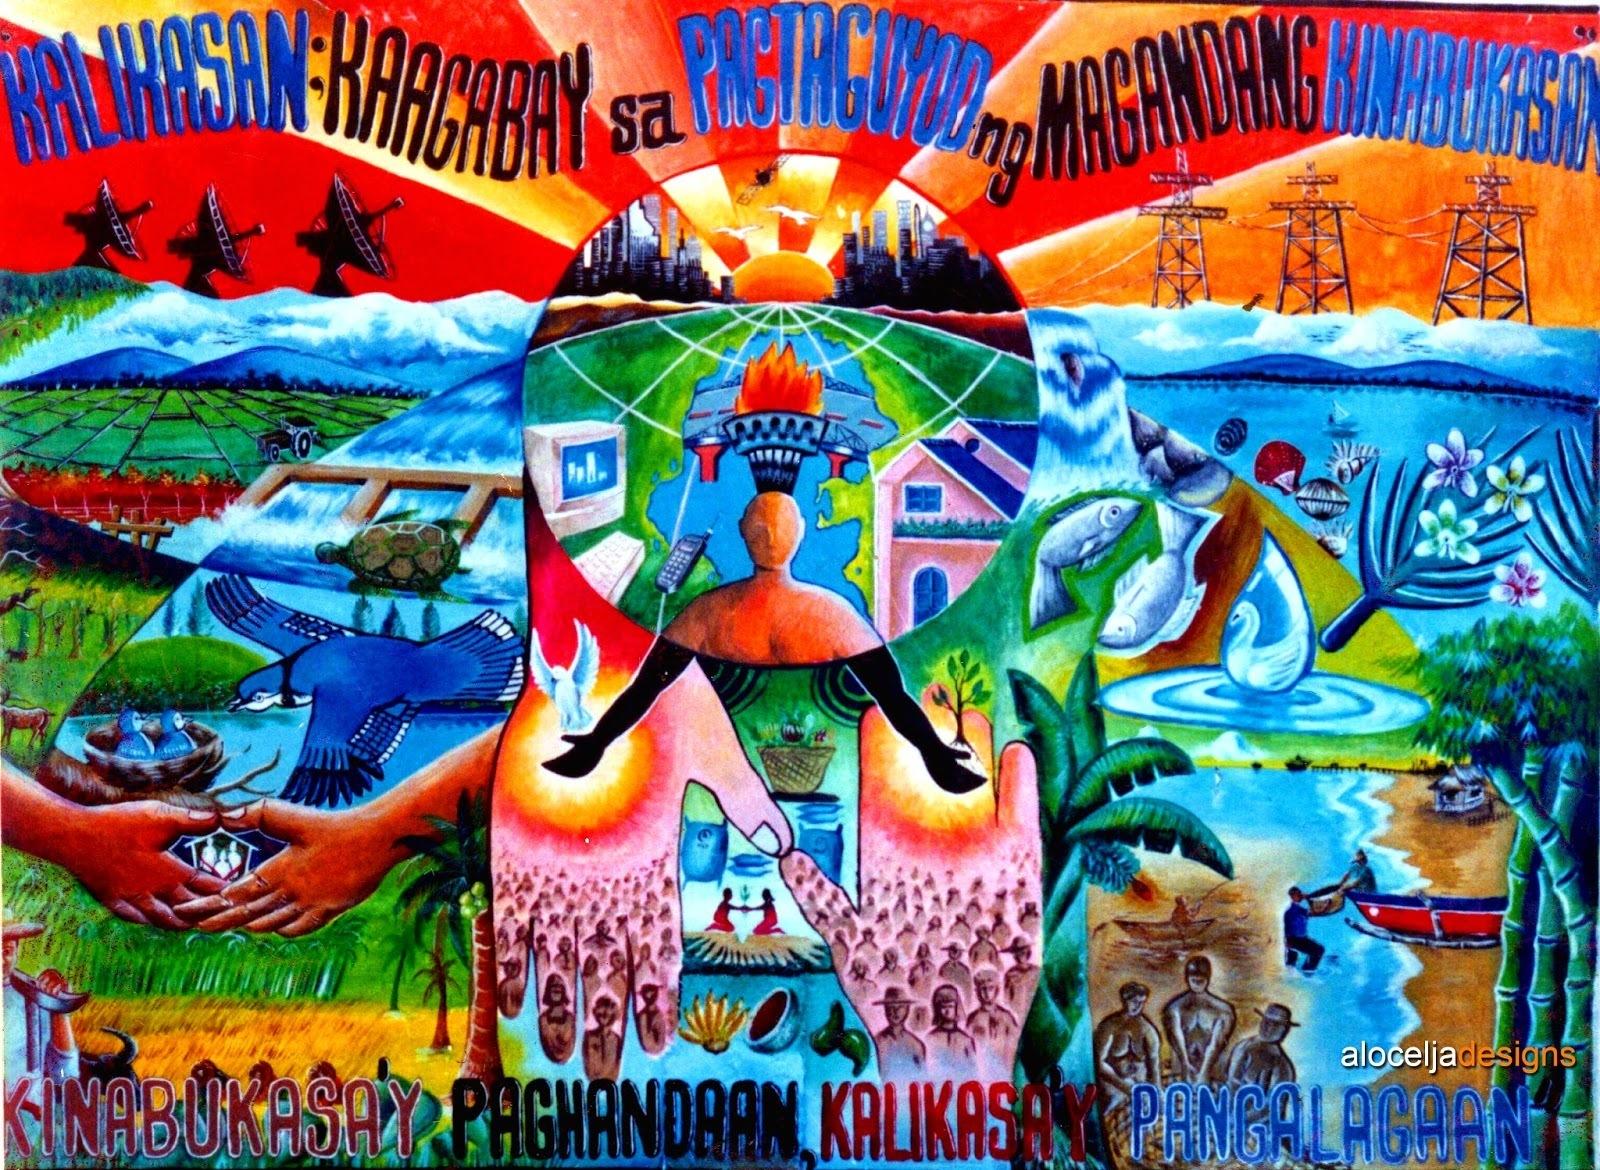 30+ Ide Simple Poster Slogan Tungkol Sa Kalikasan - Miss B ...